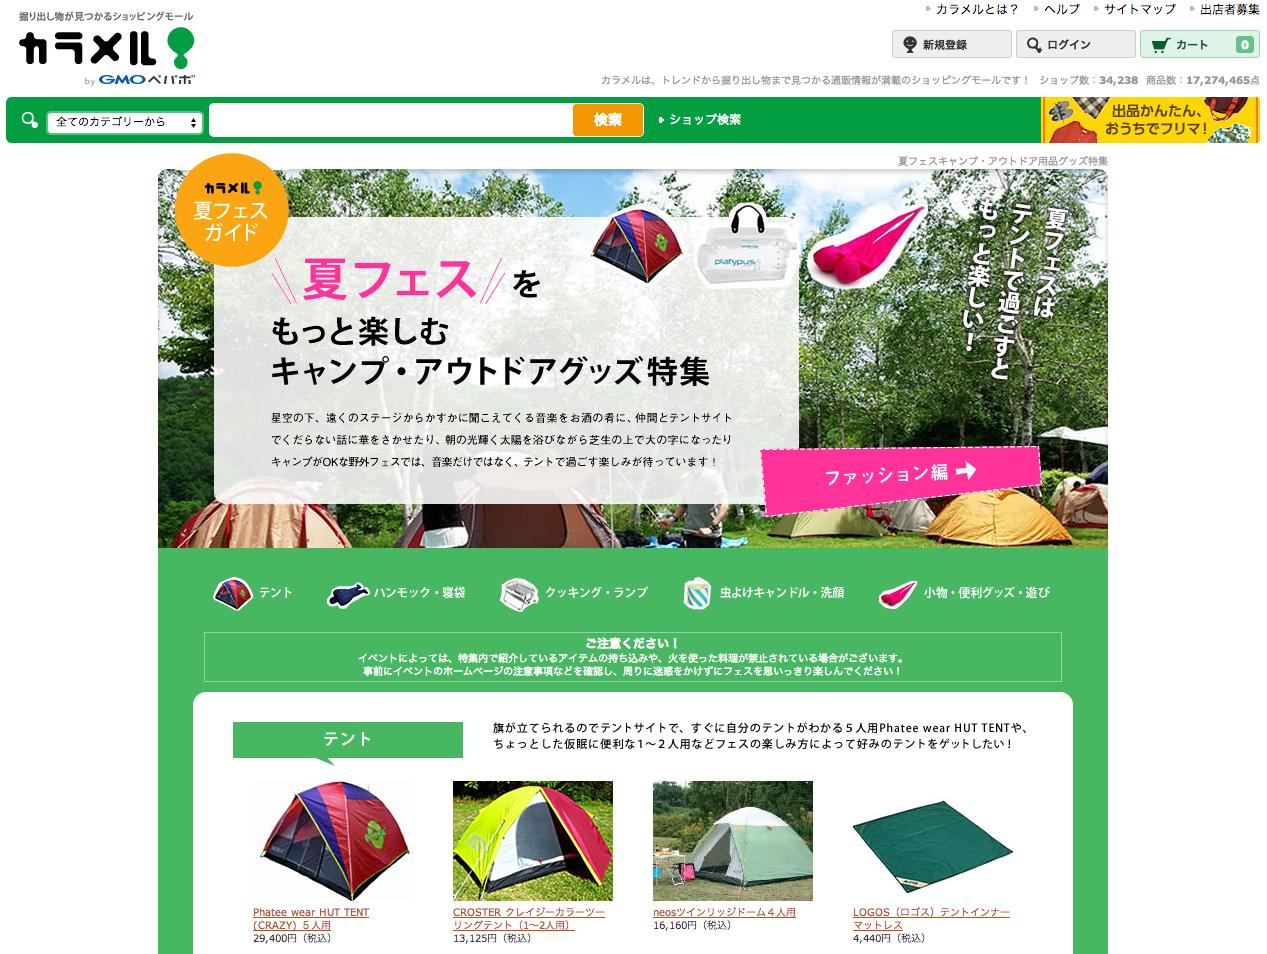 スクリーンショット 2014-05-26 12.00.22